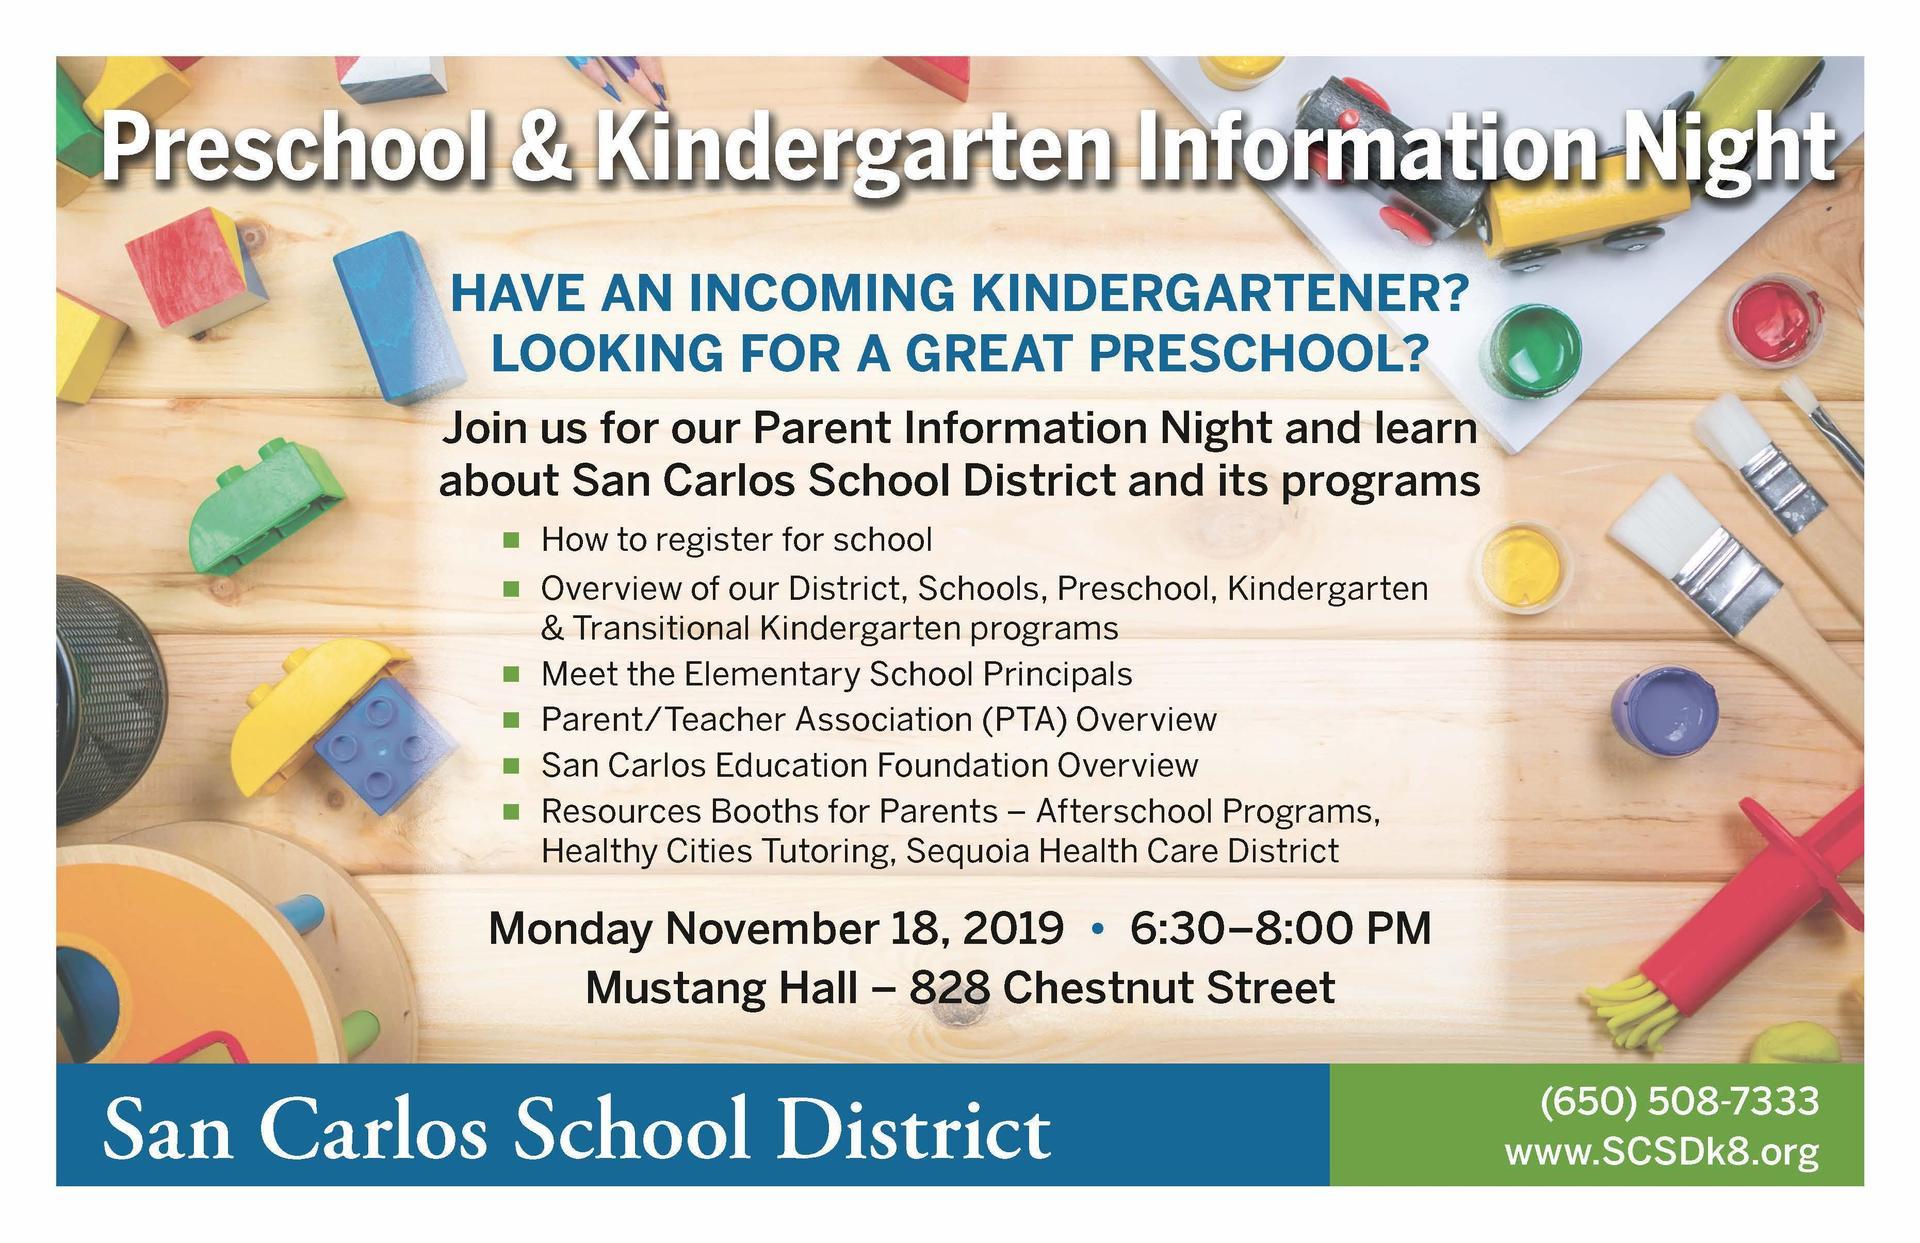 Preschool & Kindergarten Info Night Flyer